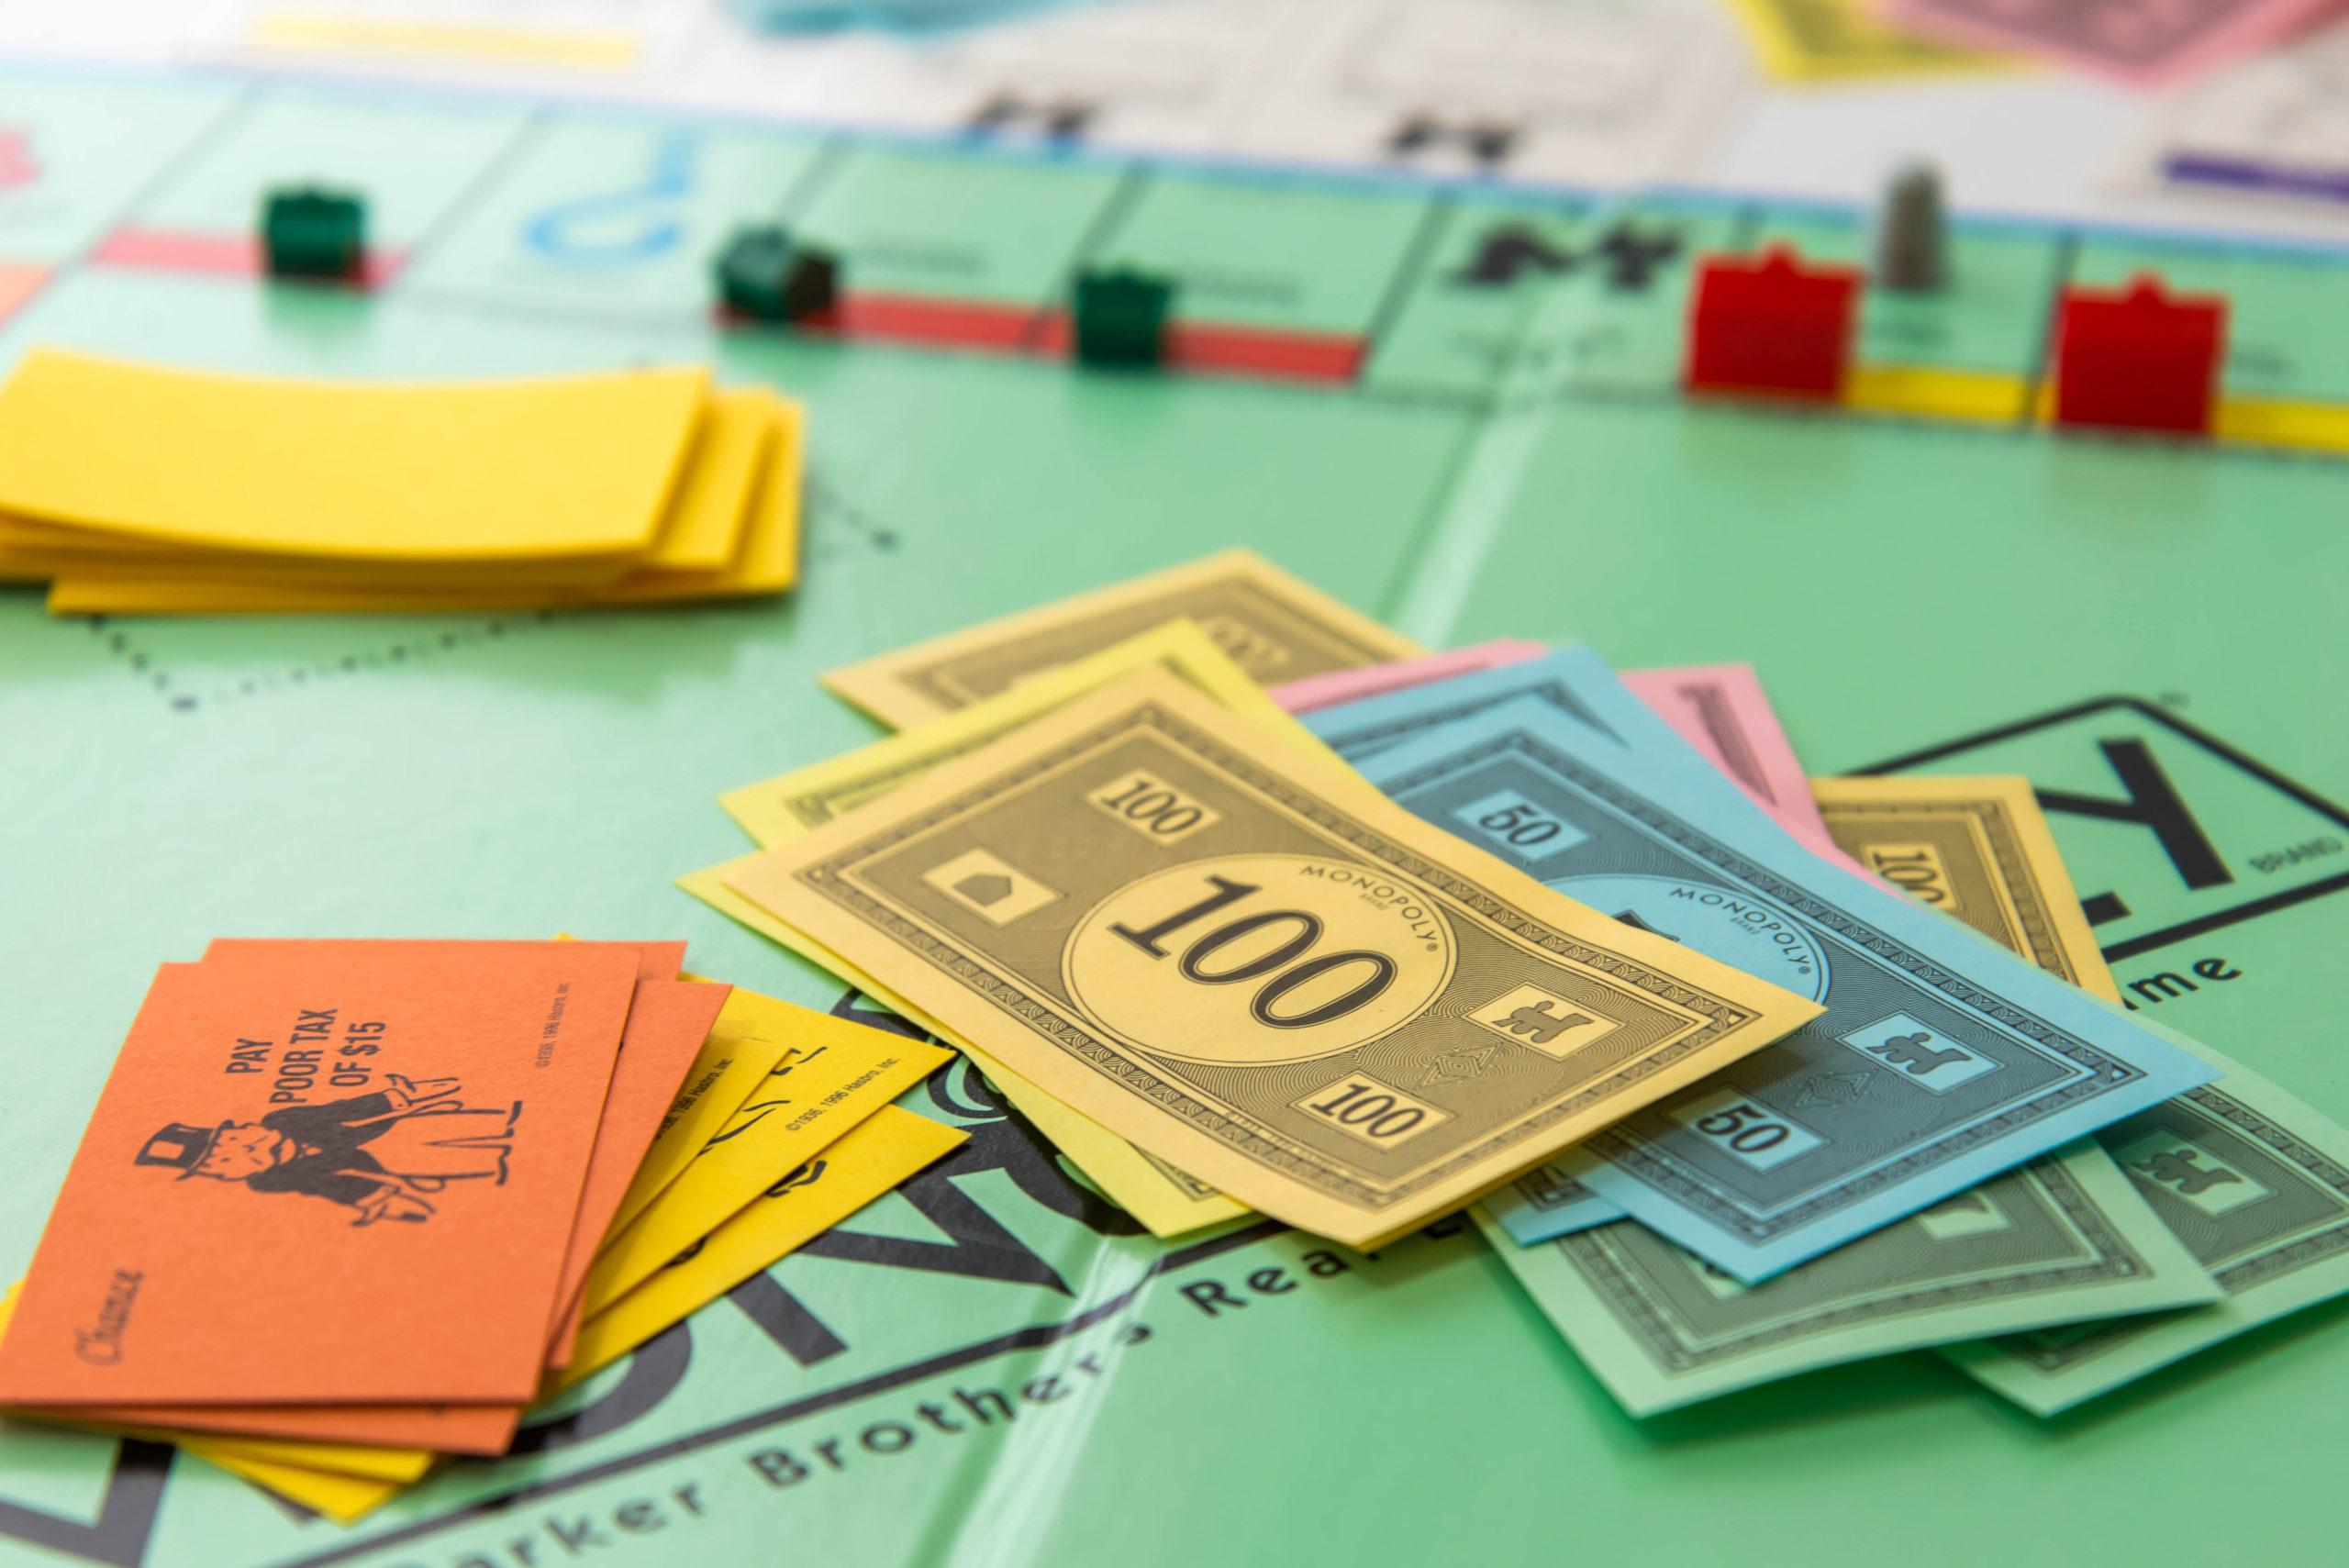 Everyday economics and monopoly games